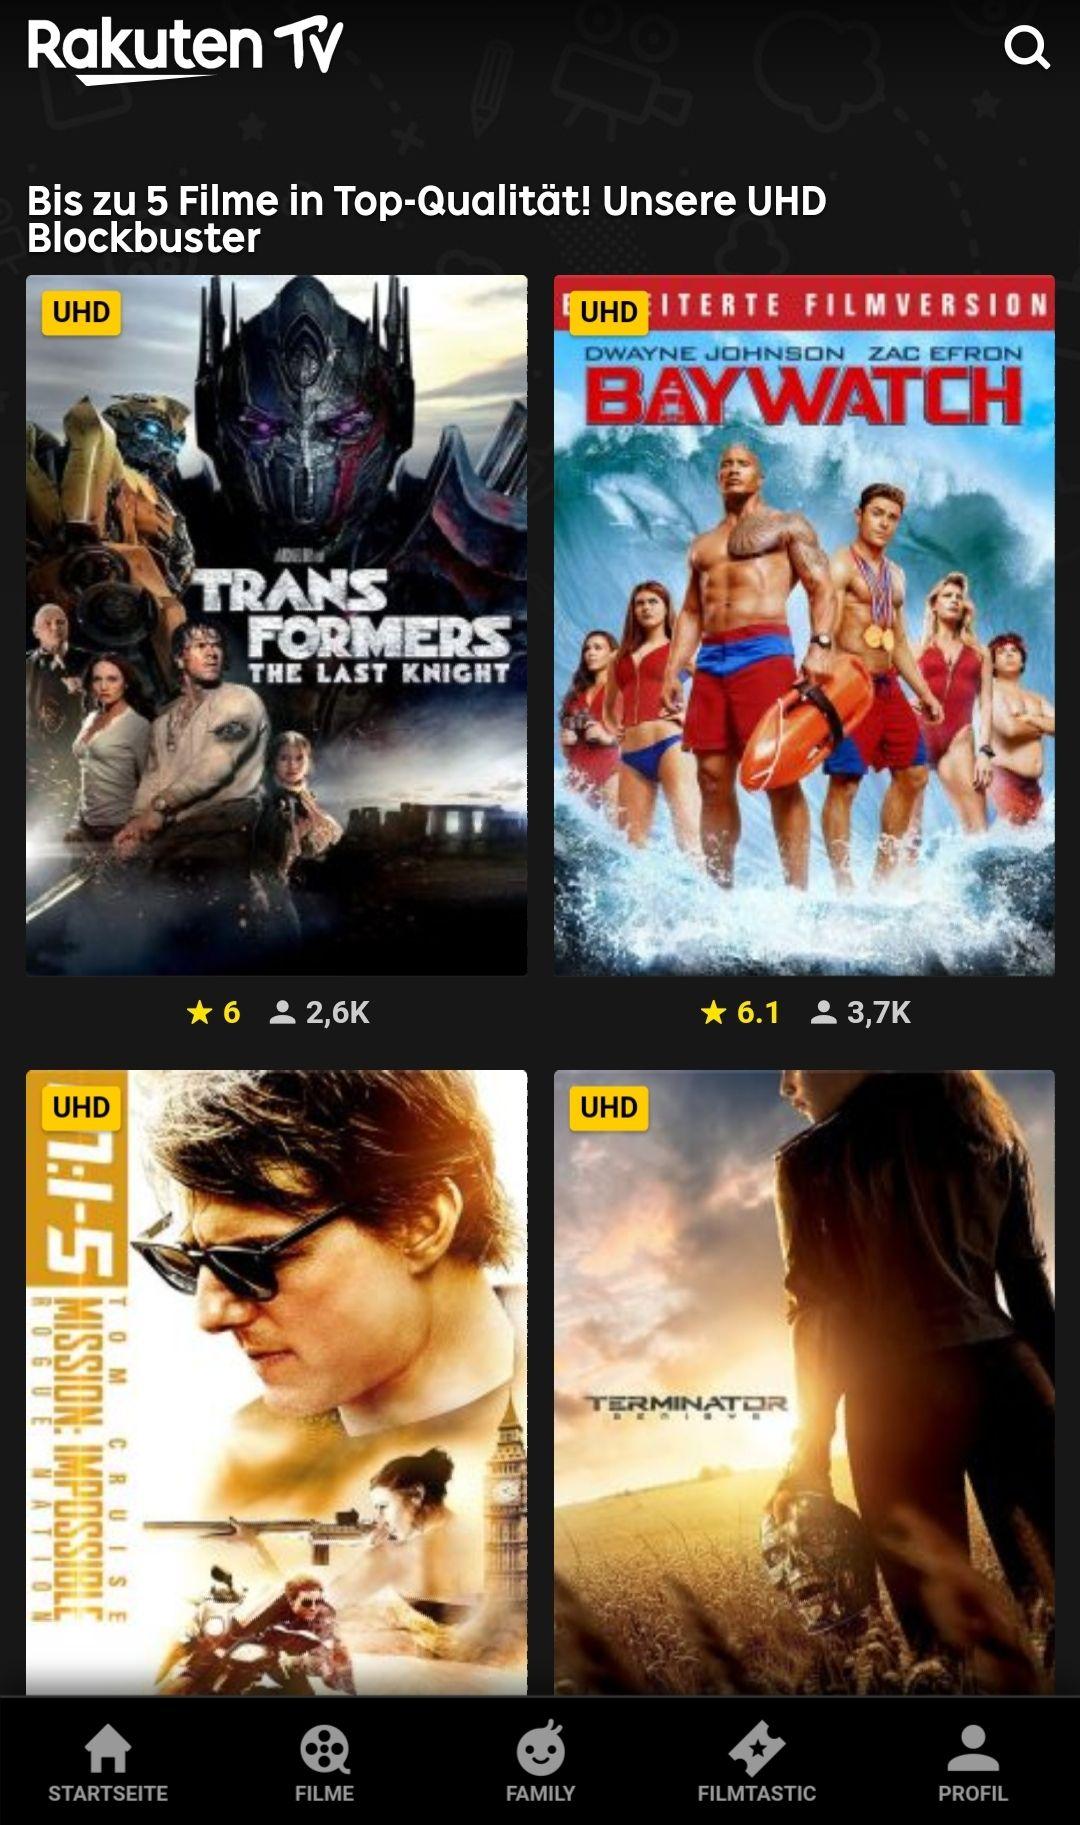 Rakuten TV ! 5 UHD 4K Top-Filme für je 1,99 € kaufen [8% shoop]